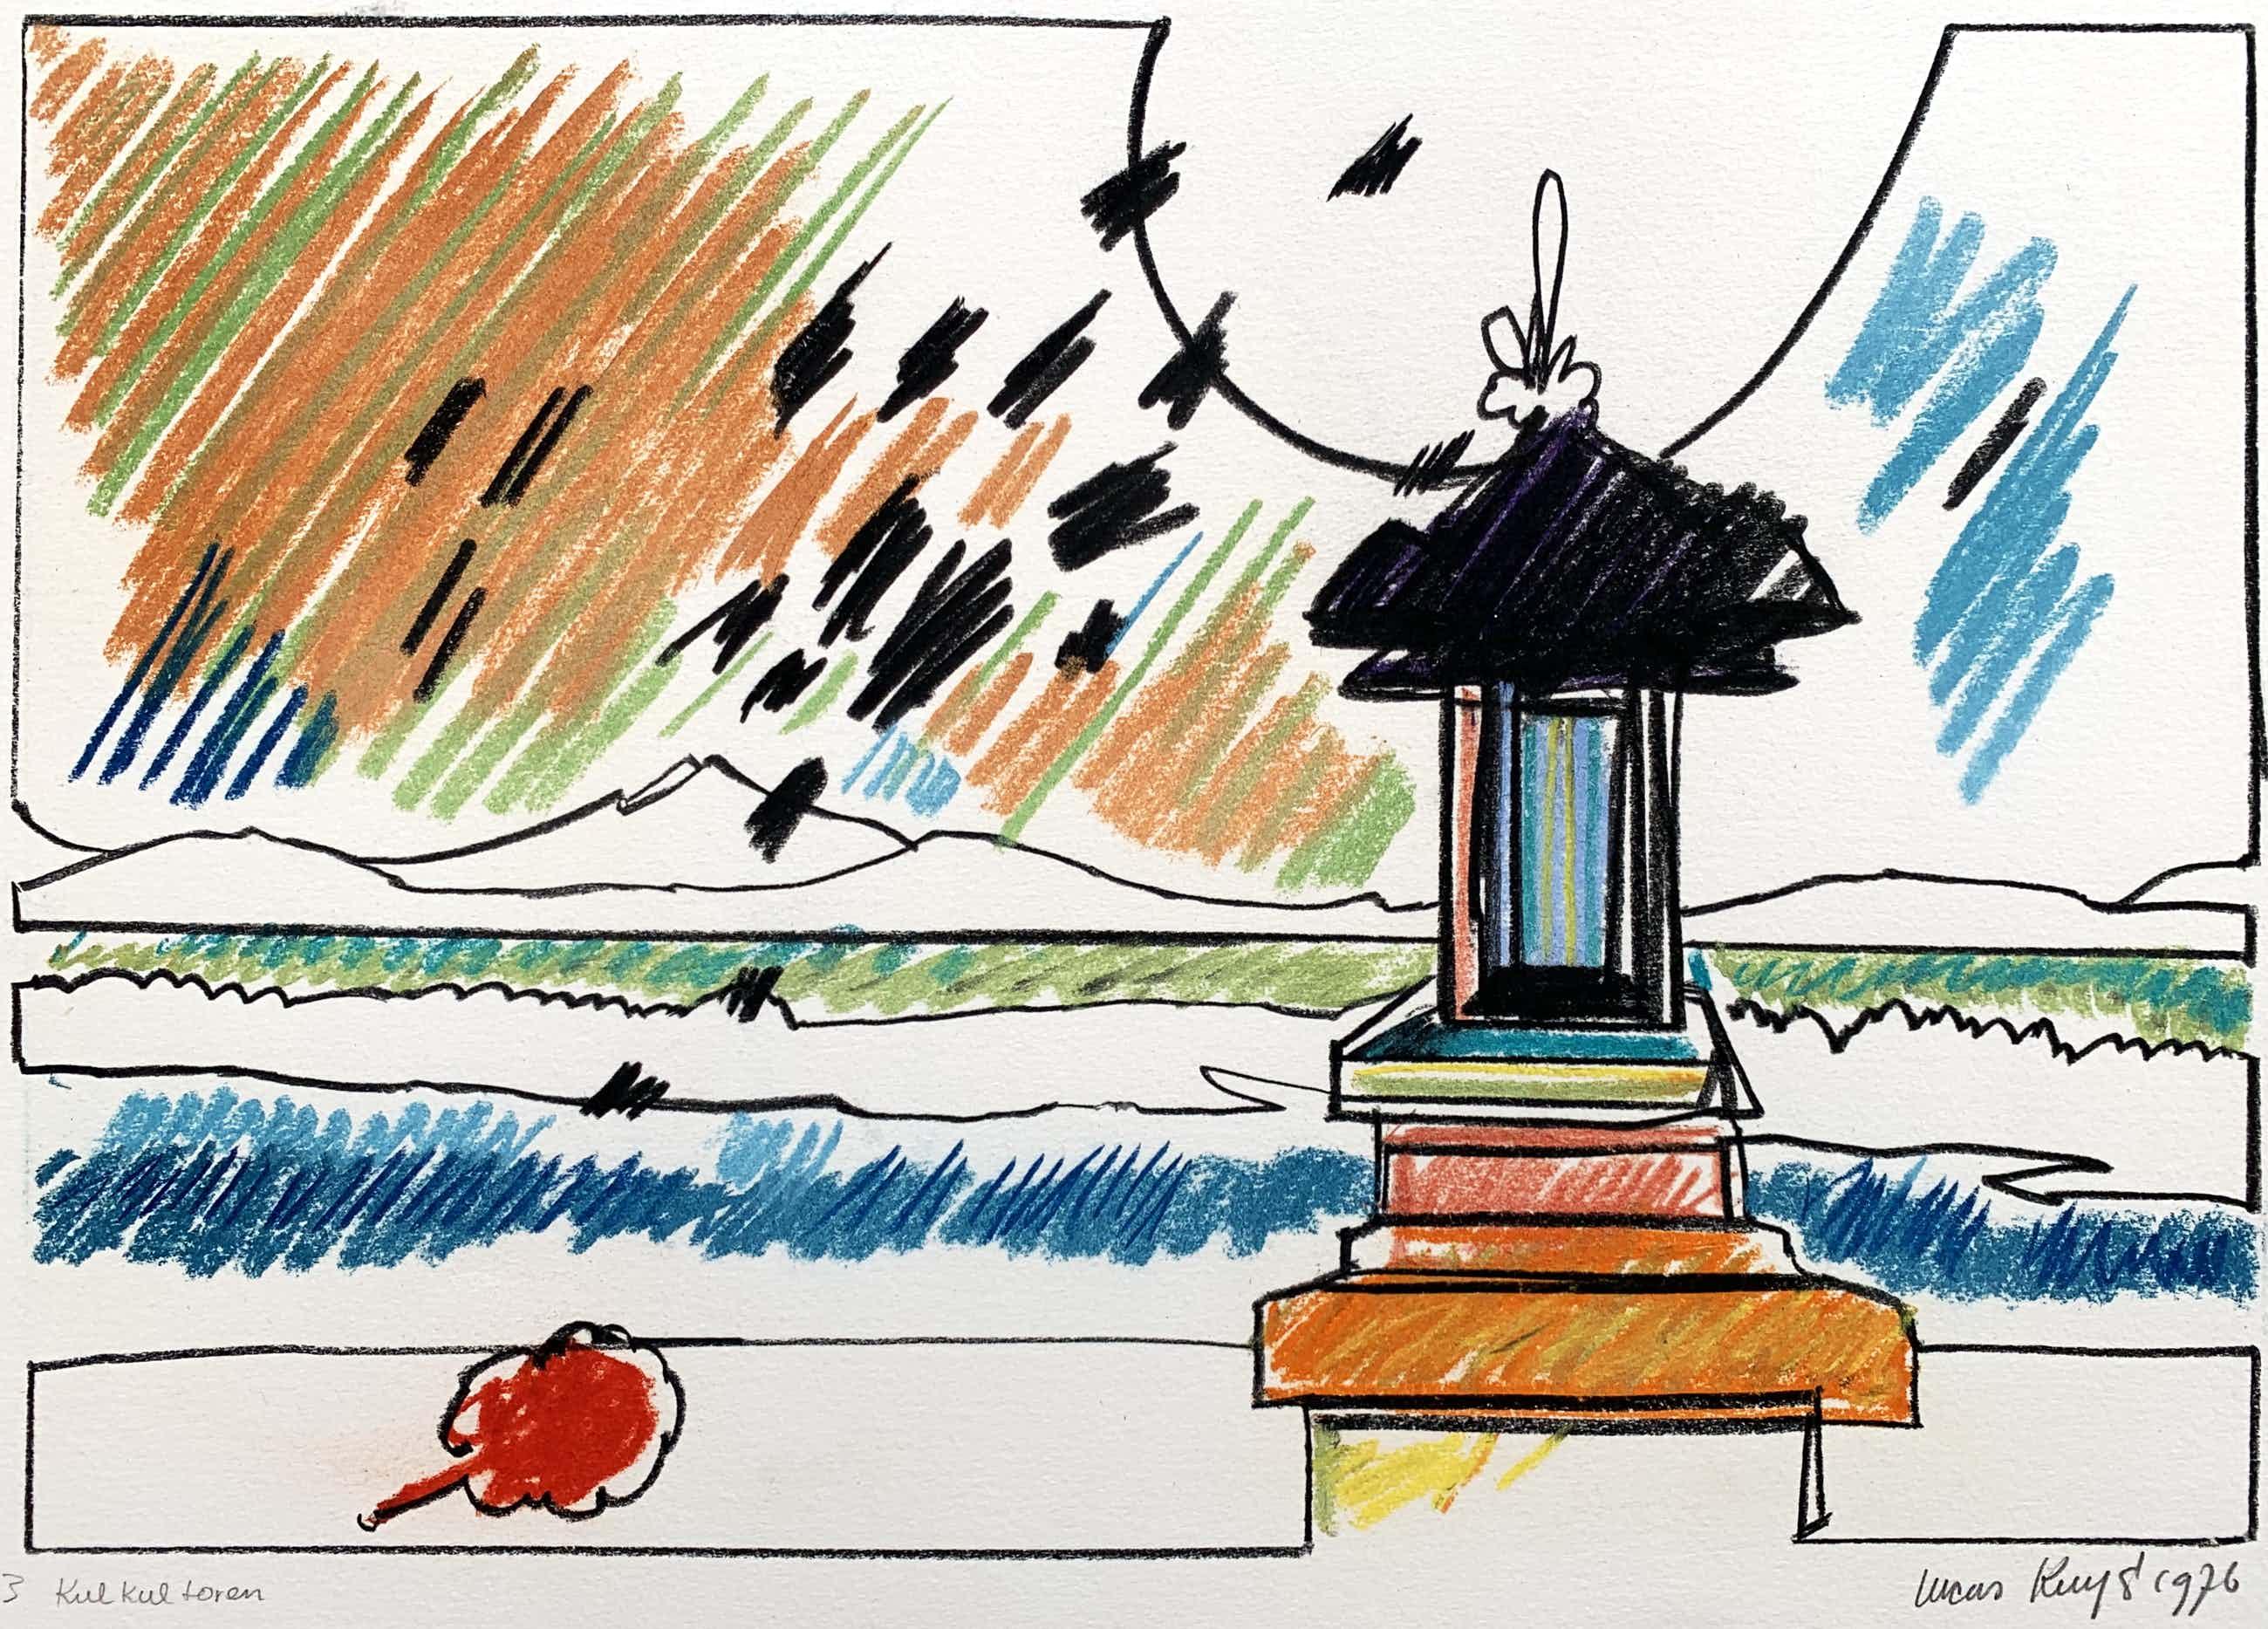 Lucas Kuys - krijttekening op papier   'Kul Kul toren'   1976 (Uniek werk) kopen? Bied vanaf 75!